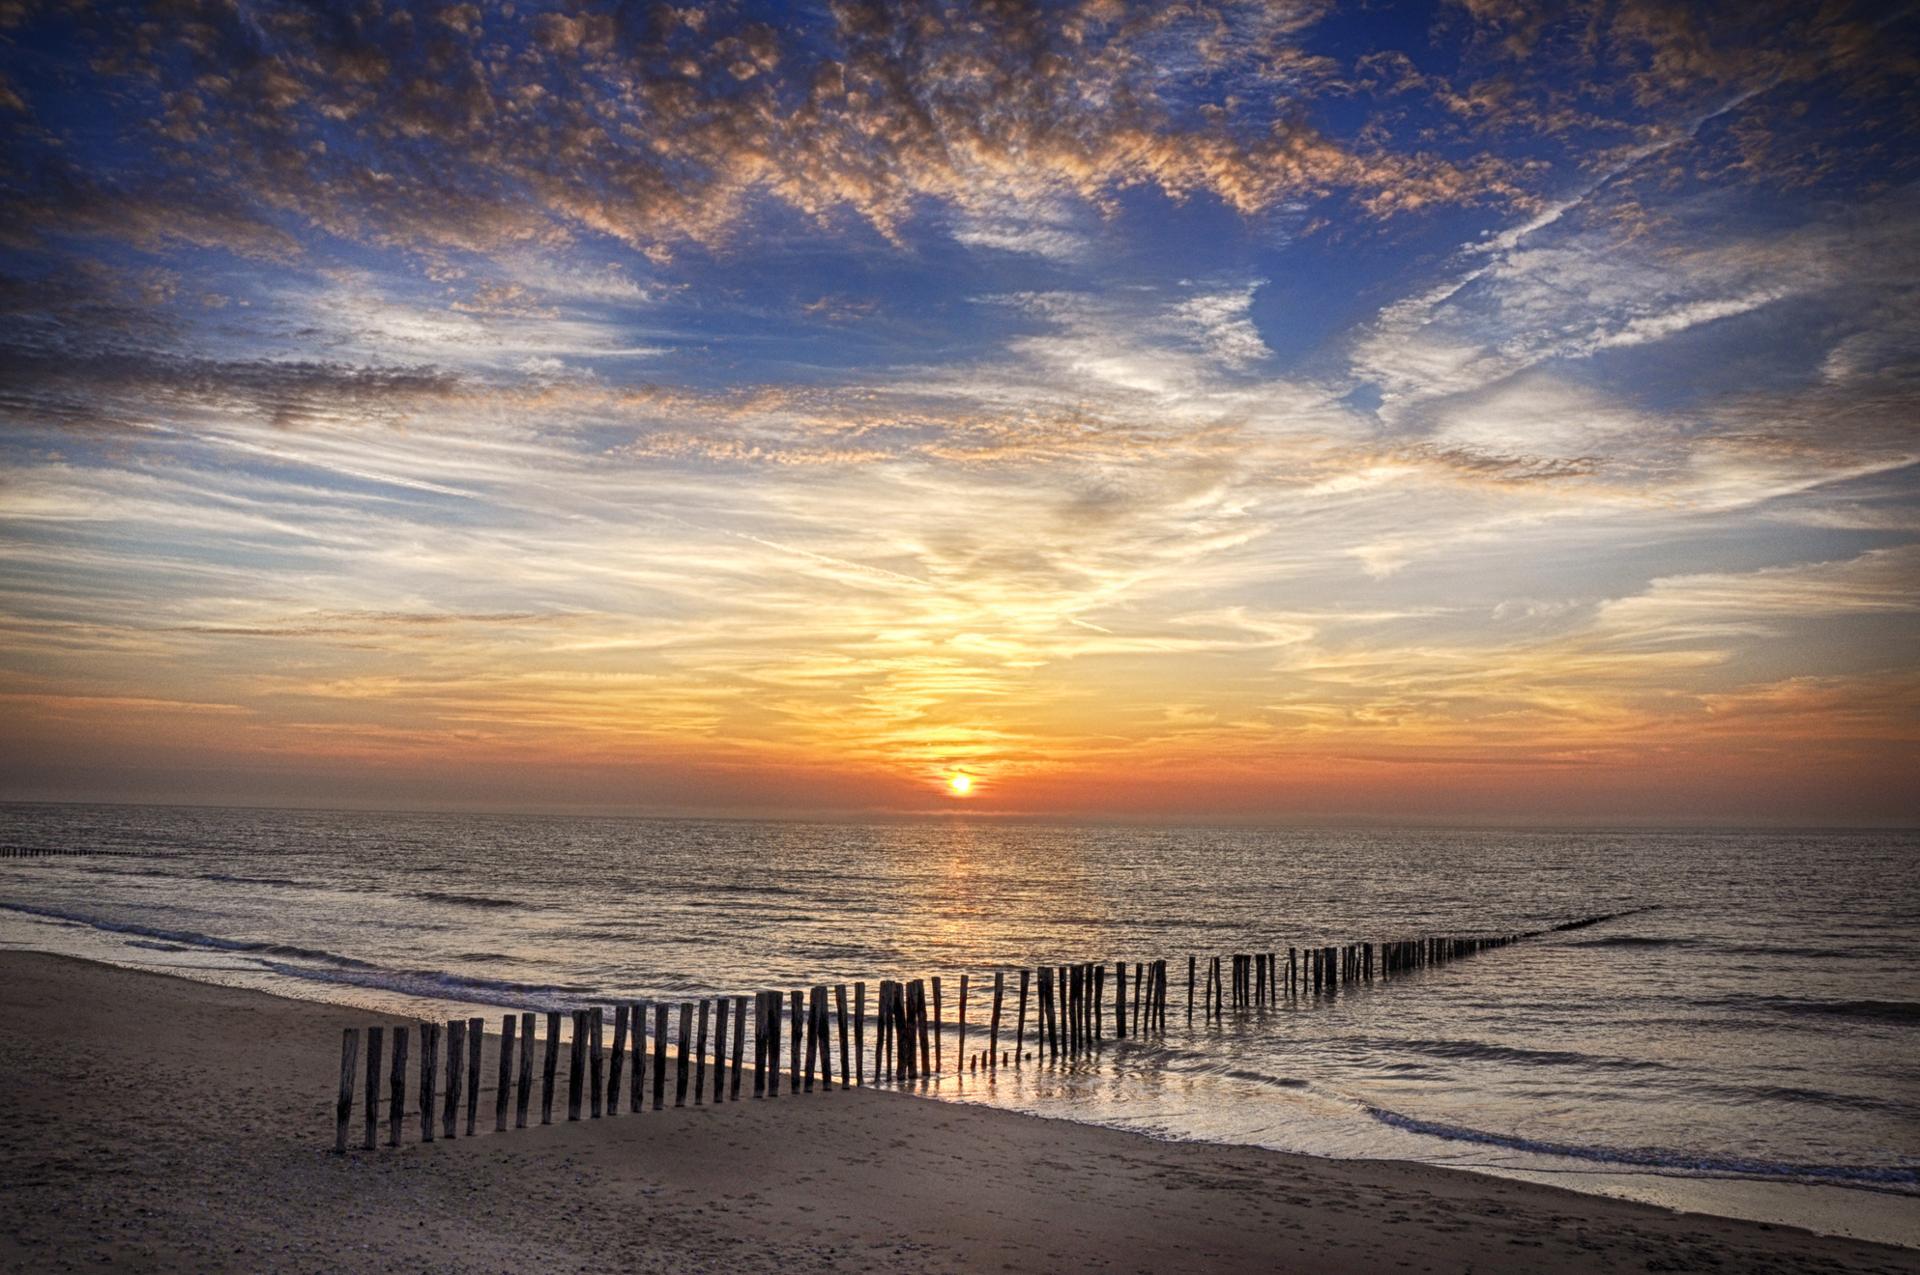 Féérie d'un coucher de soleil à l'horizon...